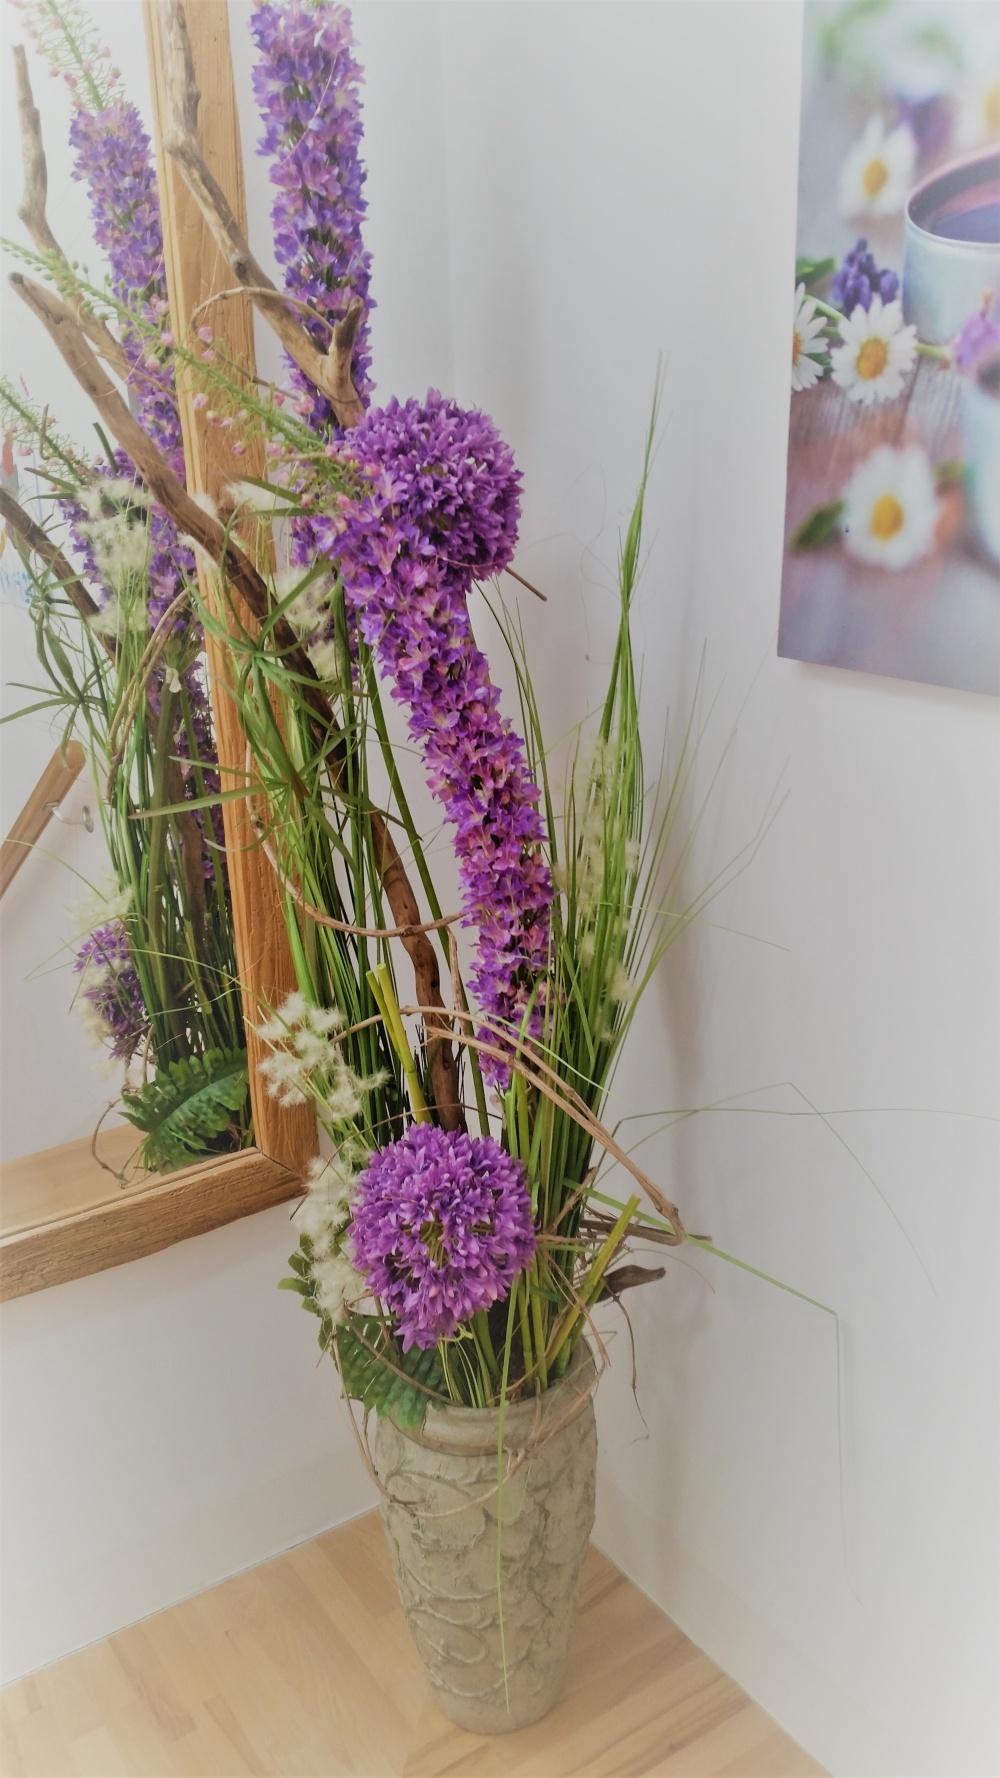 raumgestaltung blumentraum doris rehrl ihre floristin aus salzburg. Black Bedroom Furniture Sets. Home Design Ideas